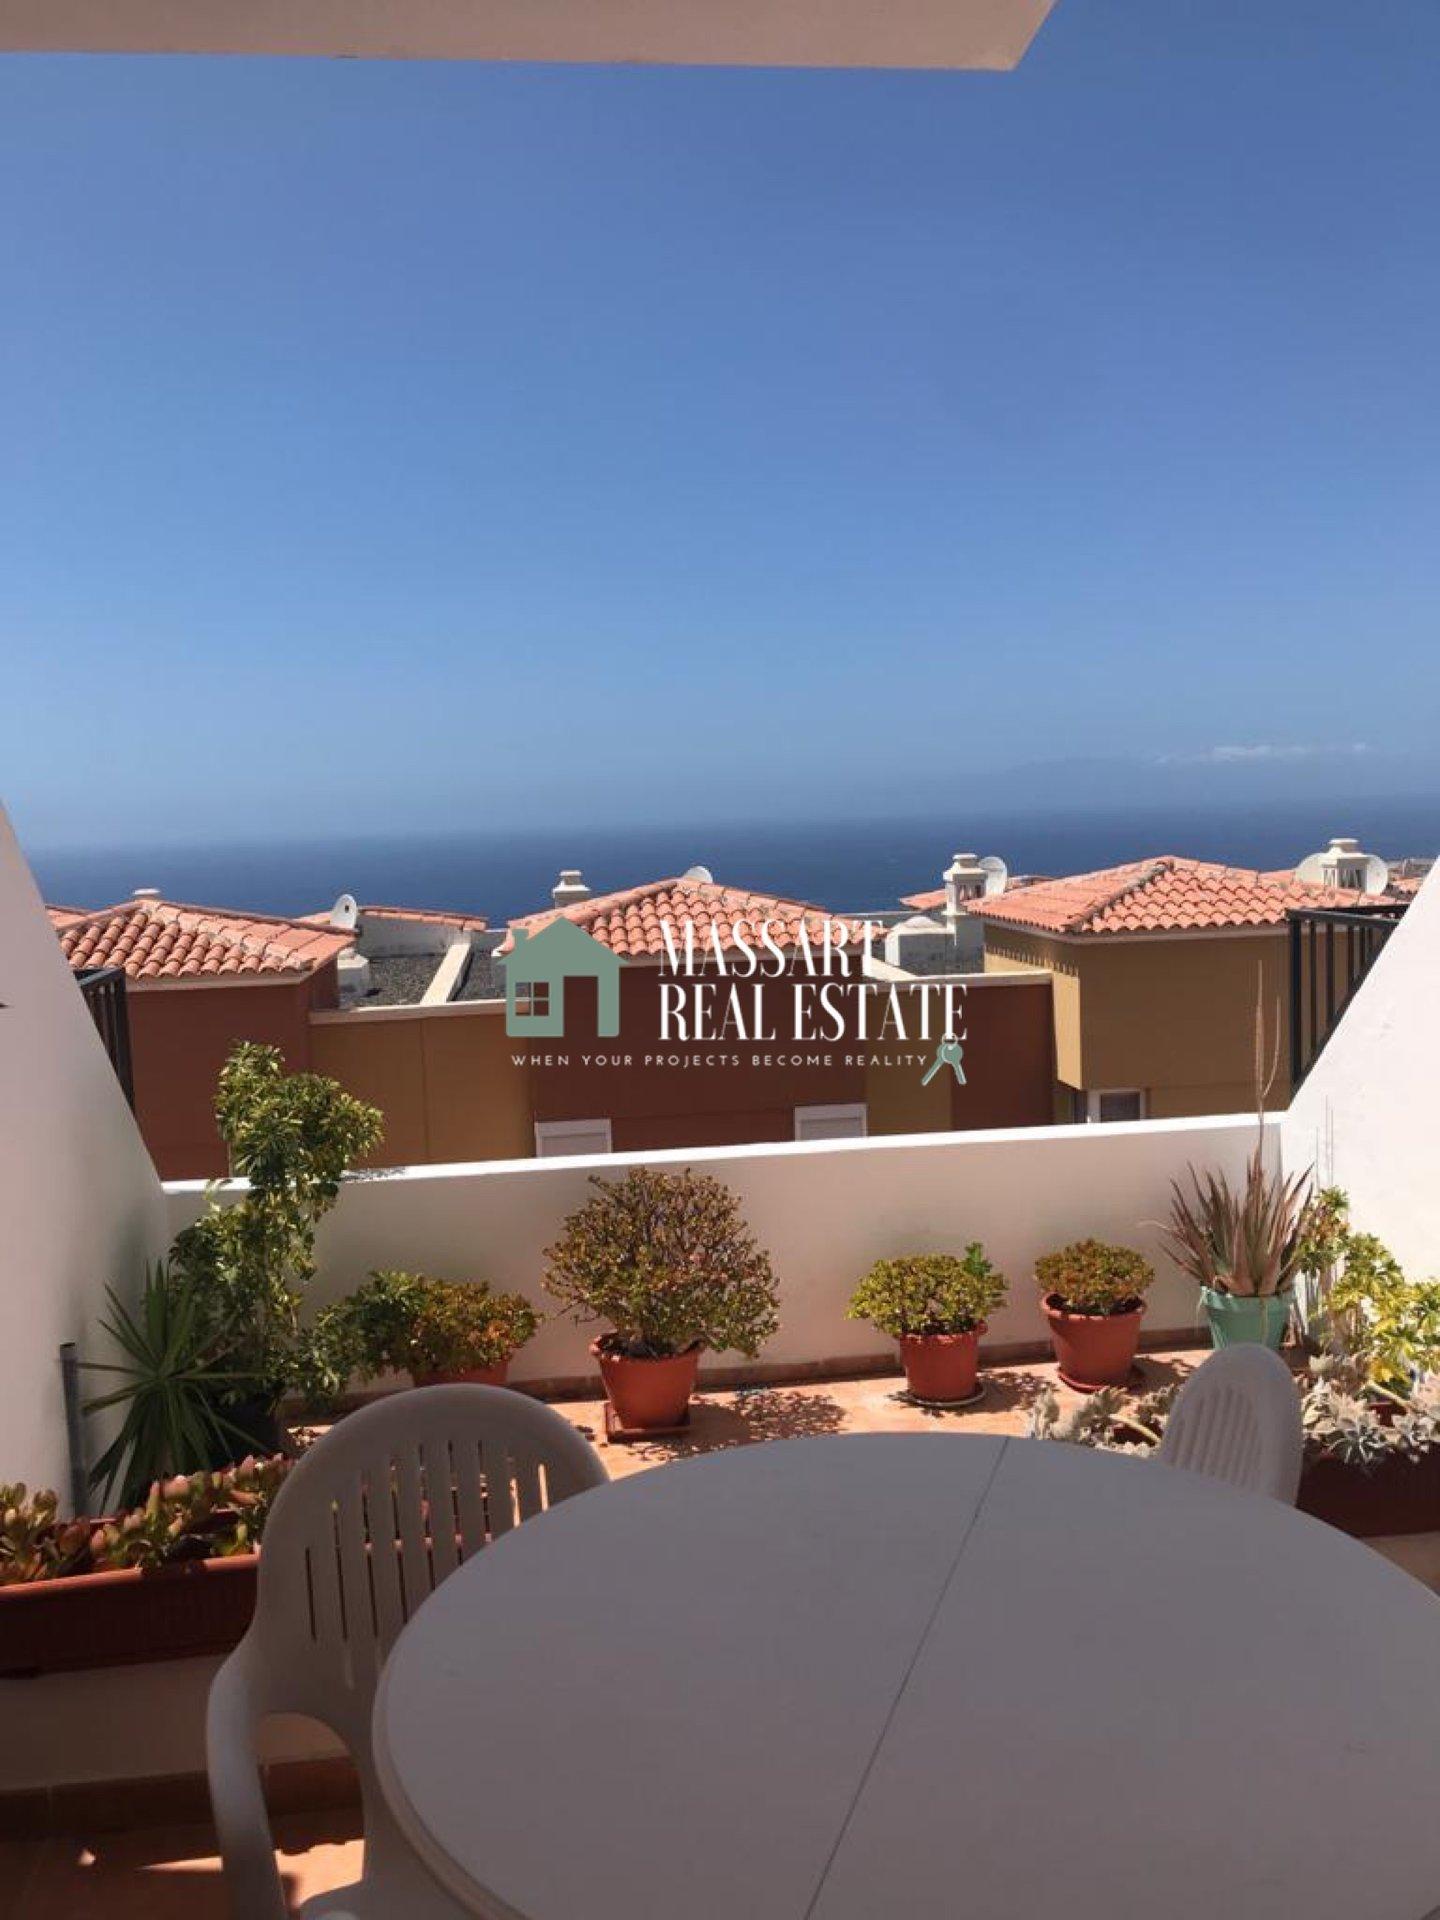 Voll möblierte Maisonette zur Miete in der beliebten Gegend von Roque del Conde (Adeje), die sich durch einen traumhaften Meerblick auszeichnet.